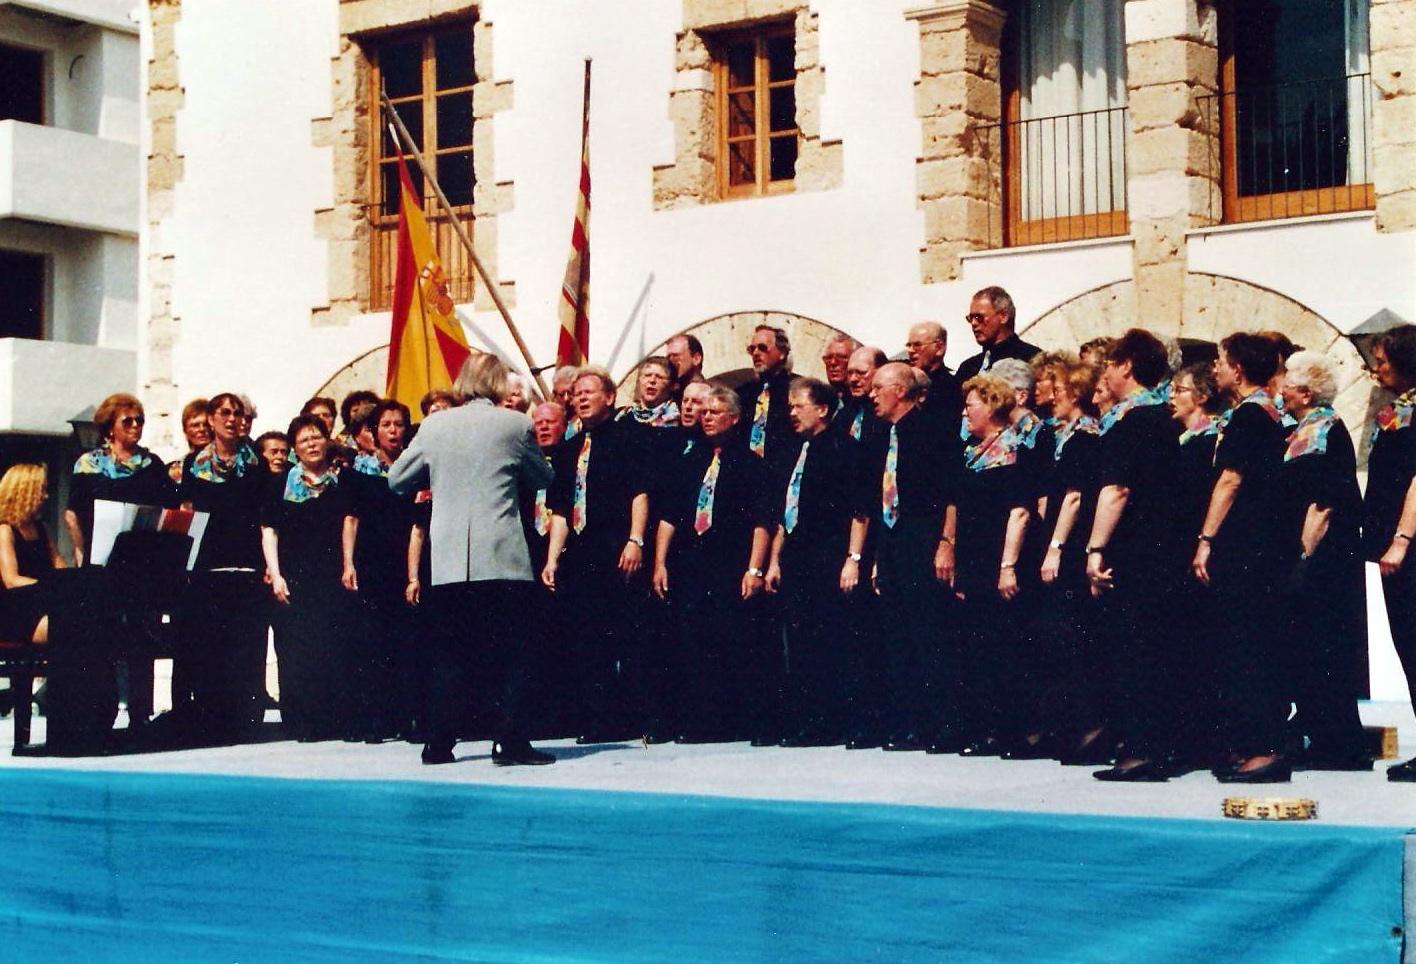 1999 - Ibiza